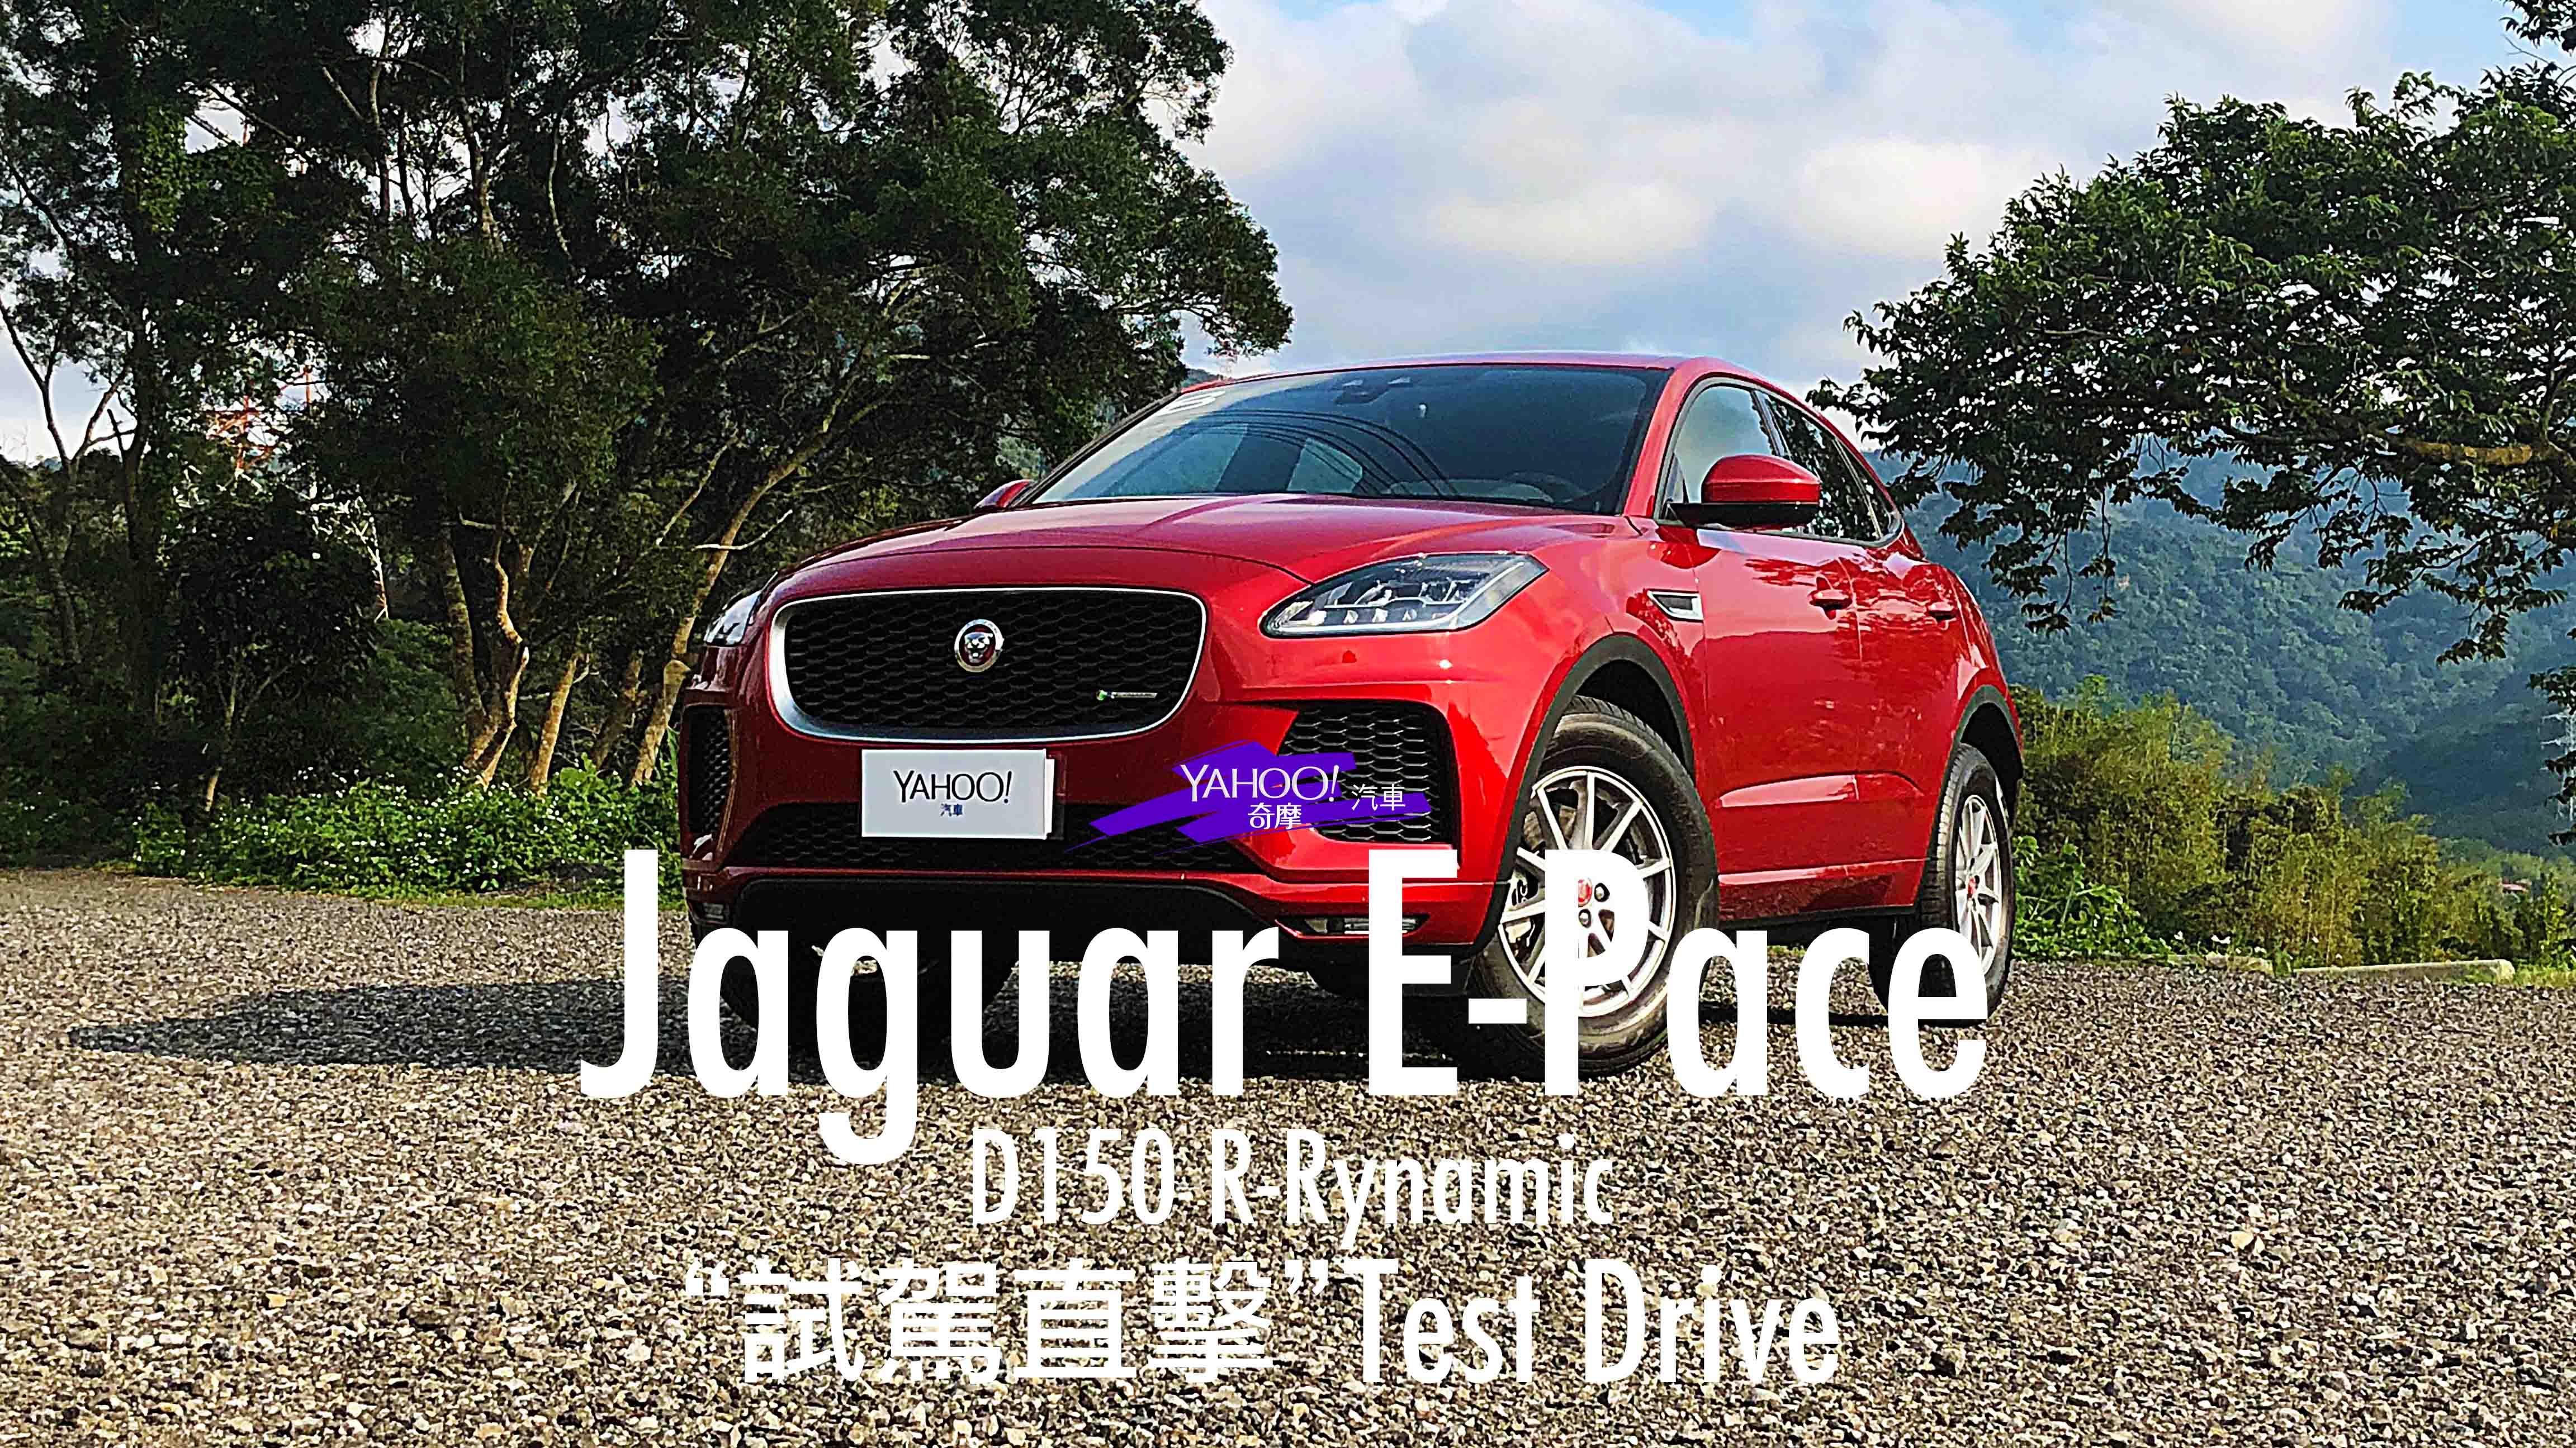 【試駕直擊】豹衝不暴衝!Jaguar E-Pace D150 R-Dynamic台北新竹往返試駕